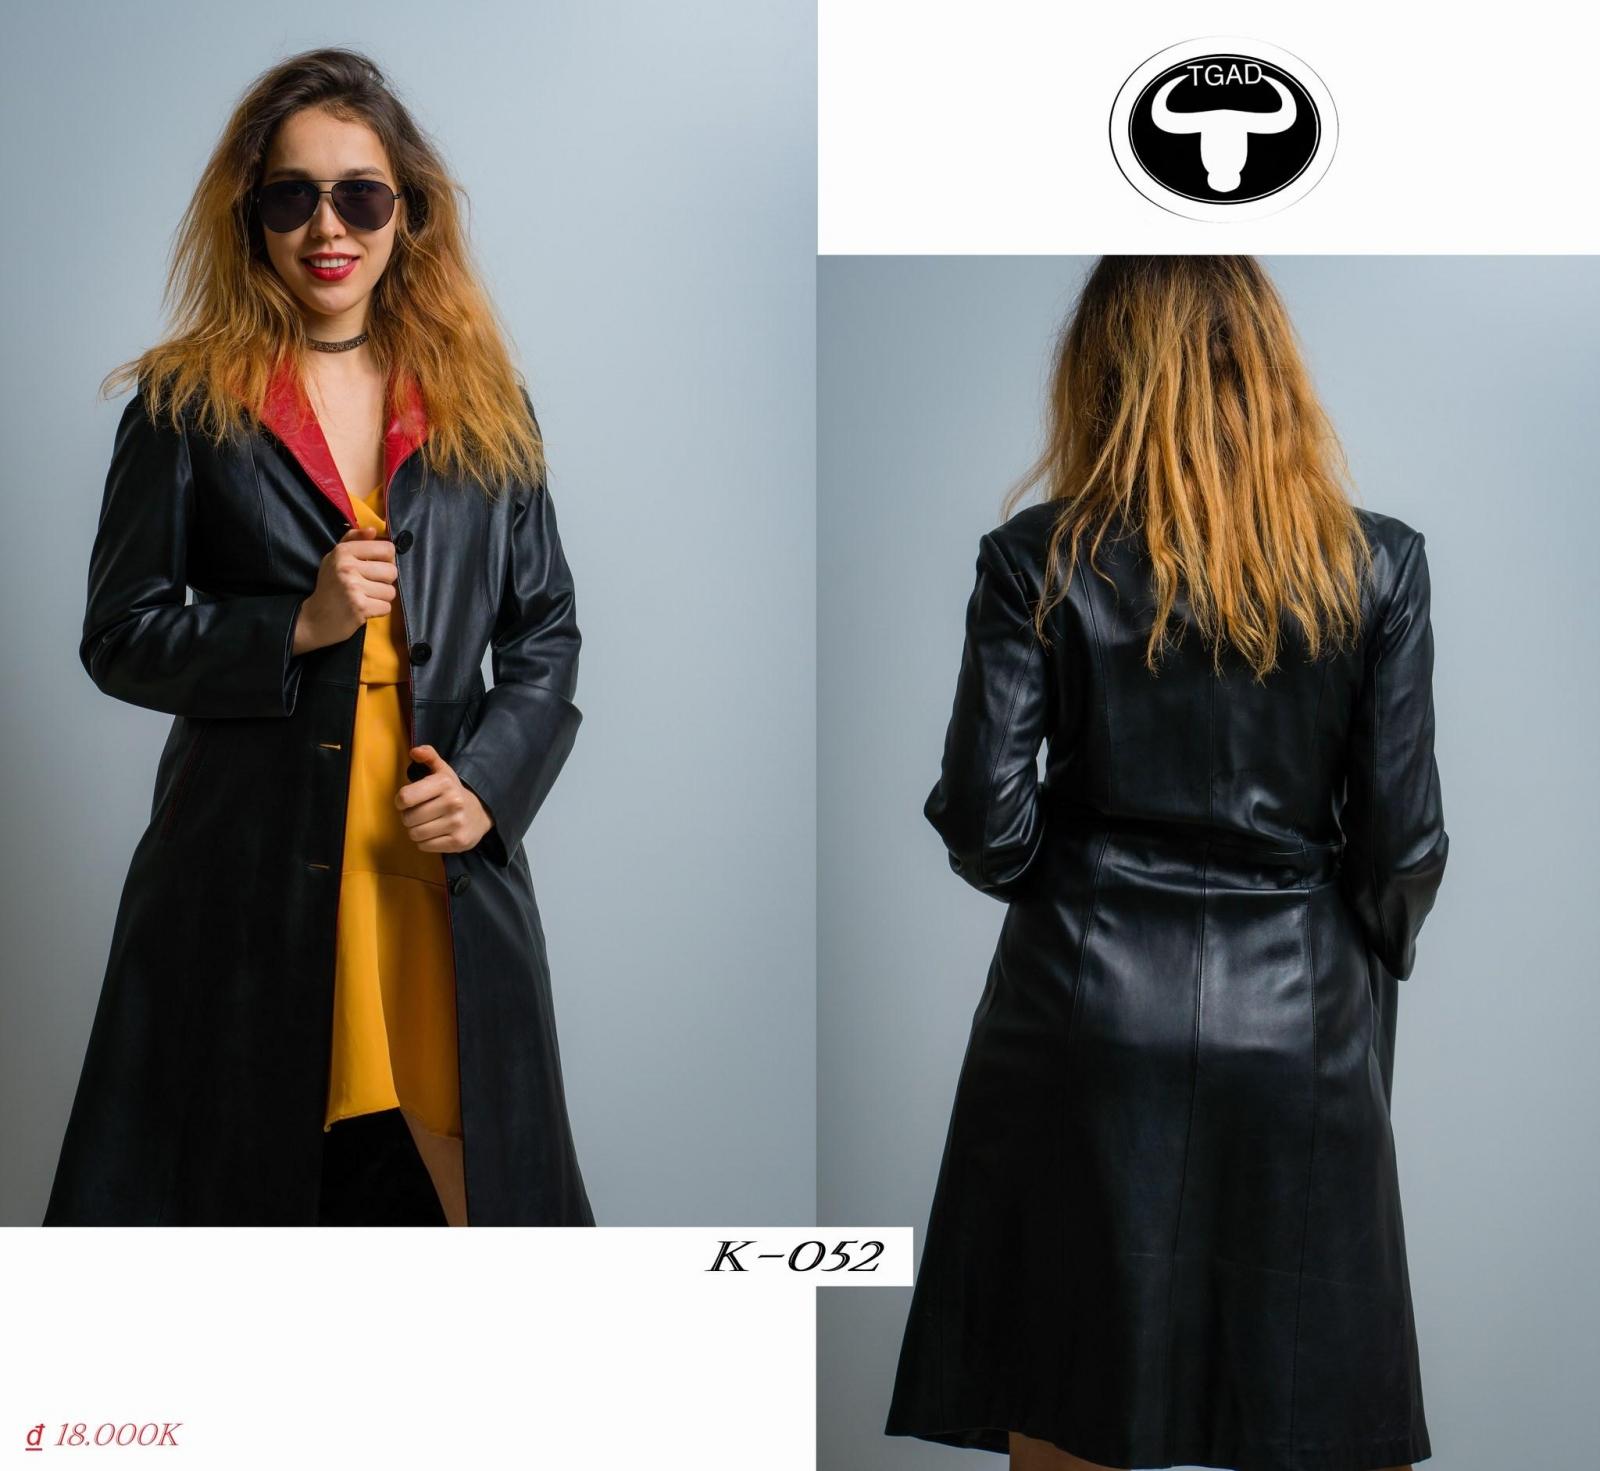 Top n shop bán áo khoác da nữ đẹp nhất Hà Nội